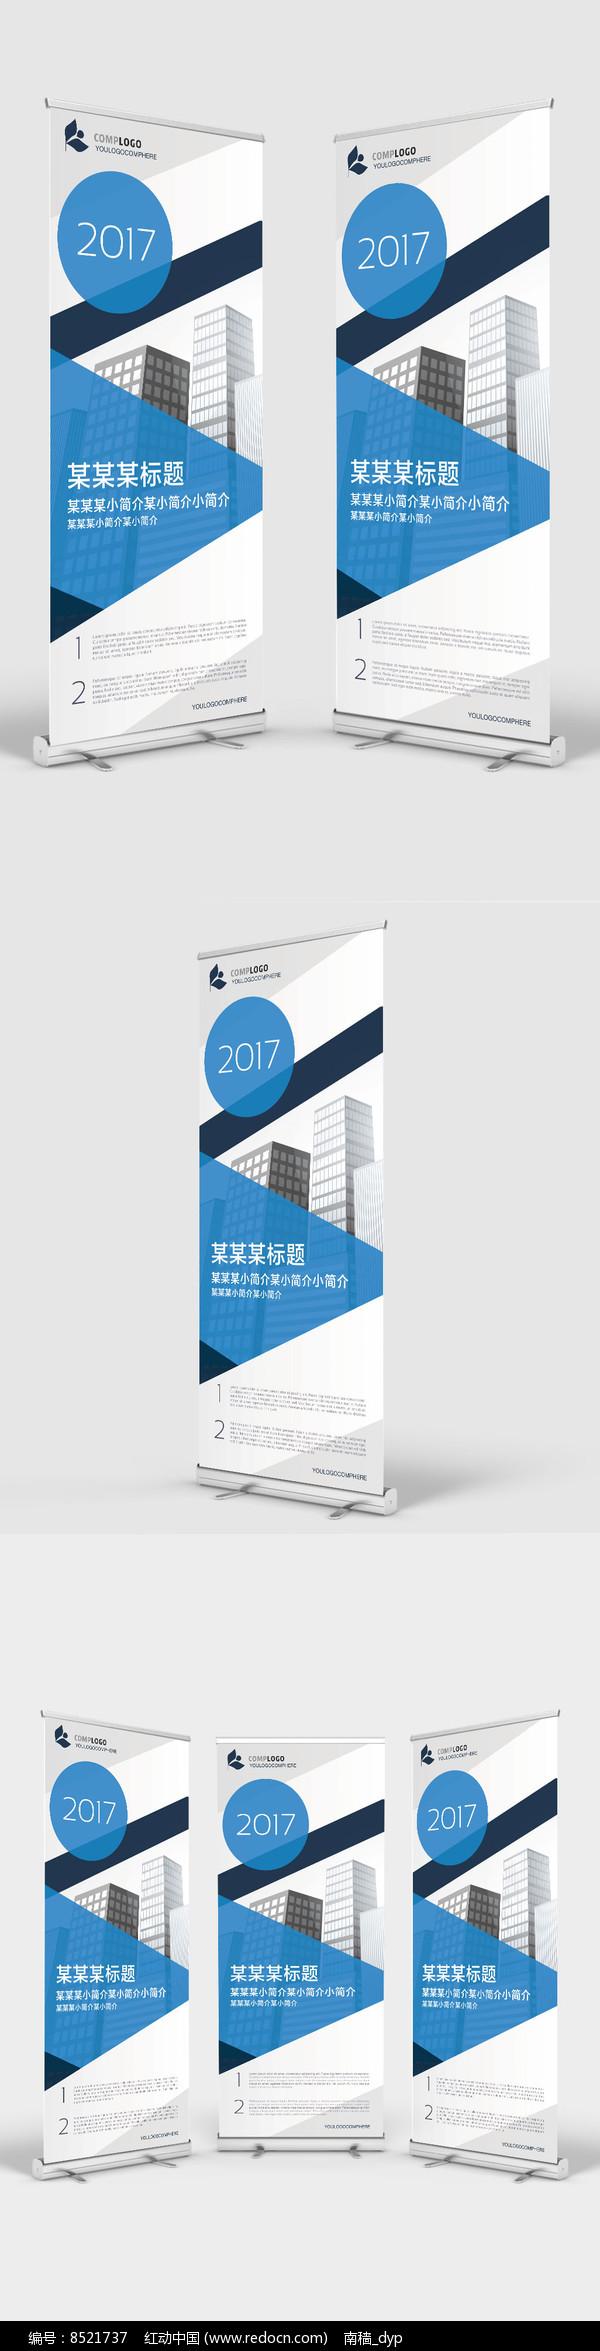 蓝色大气科技企业宣传易拉宝图片